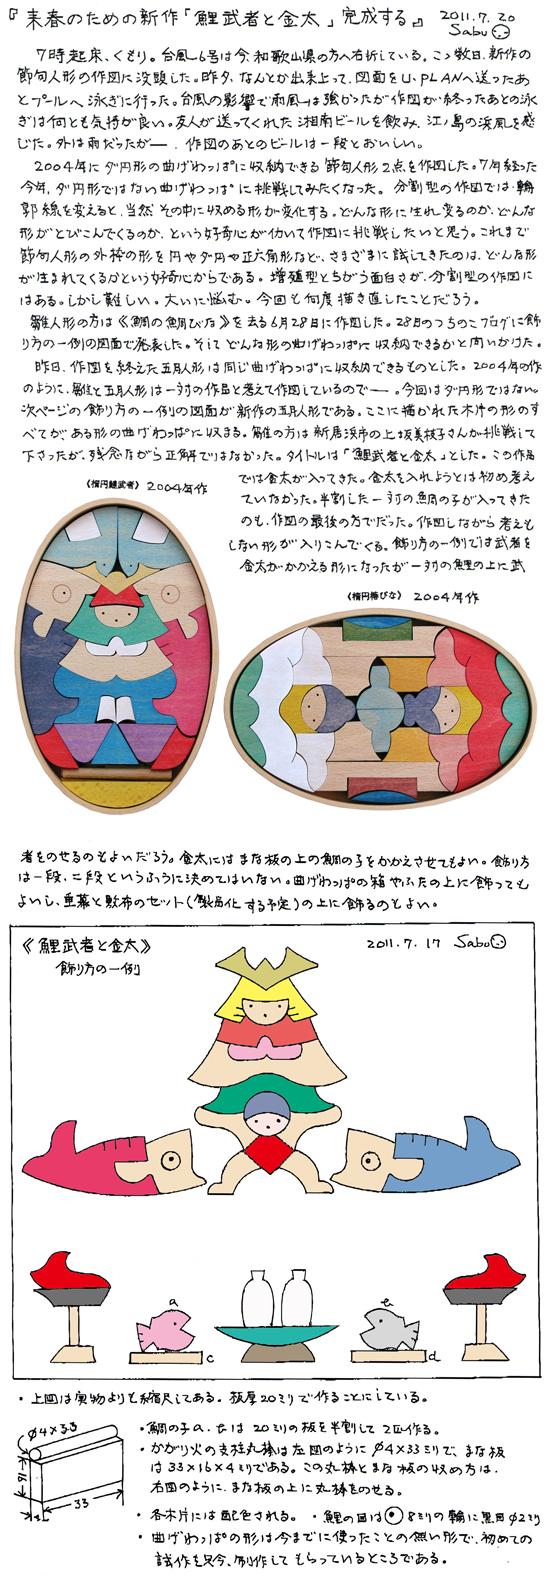 小黒三郎ブログ画像110720.jpg